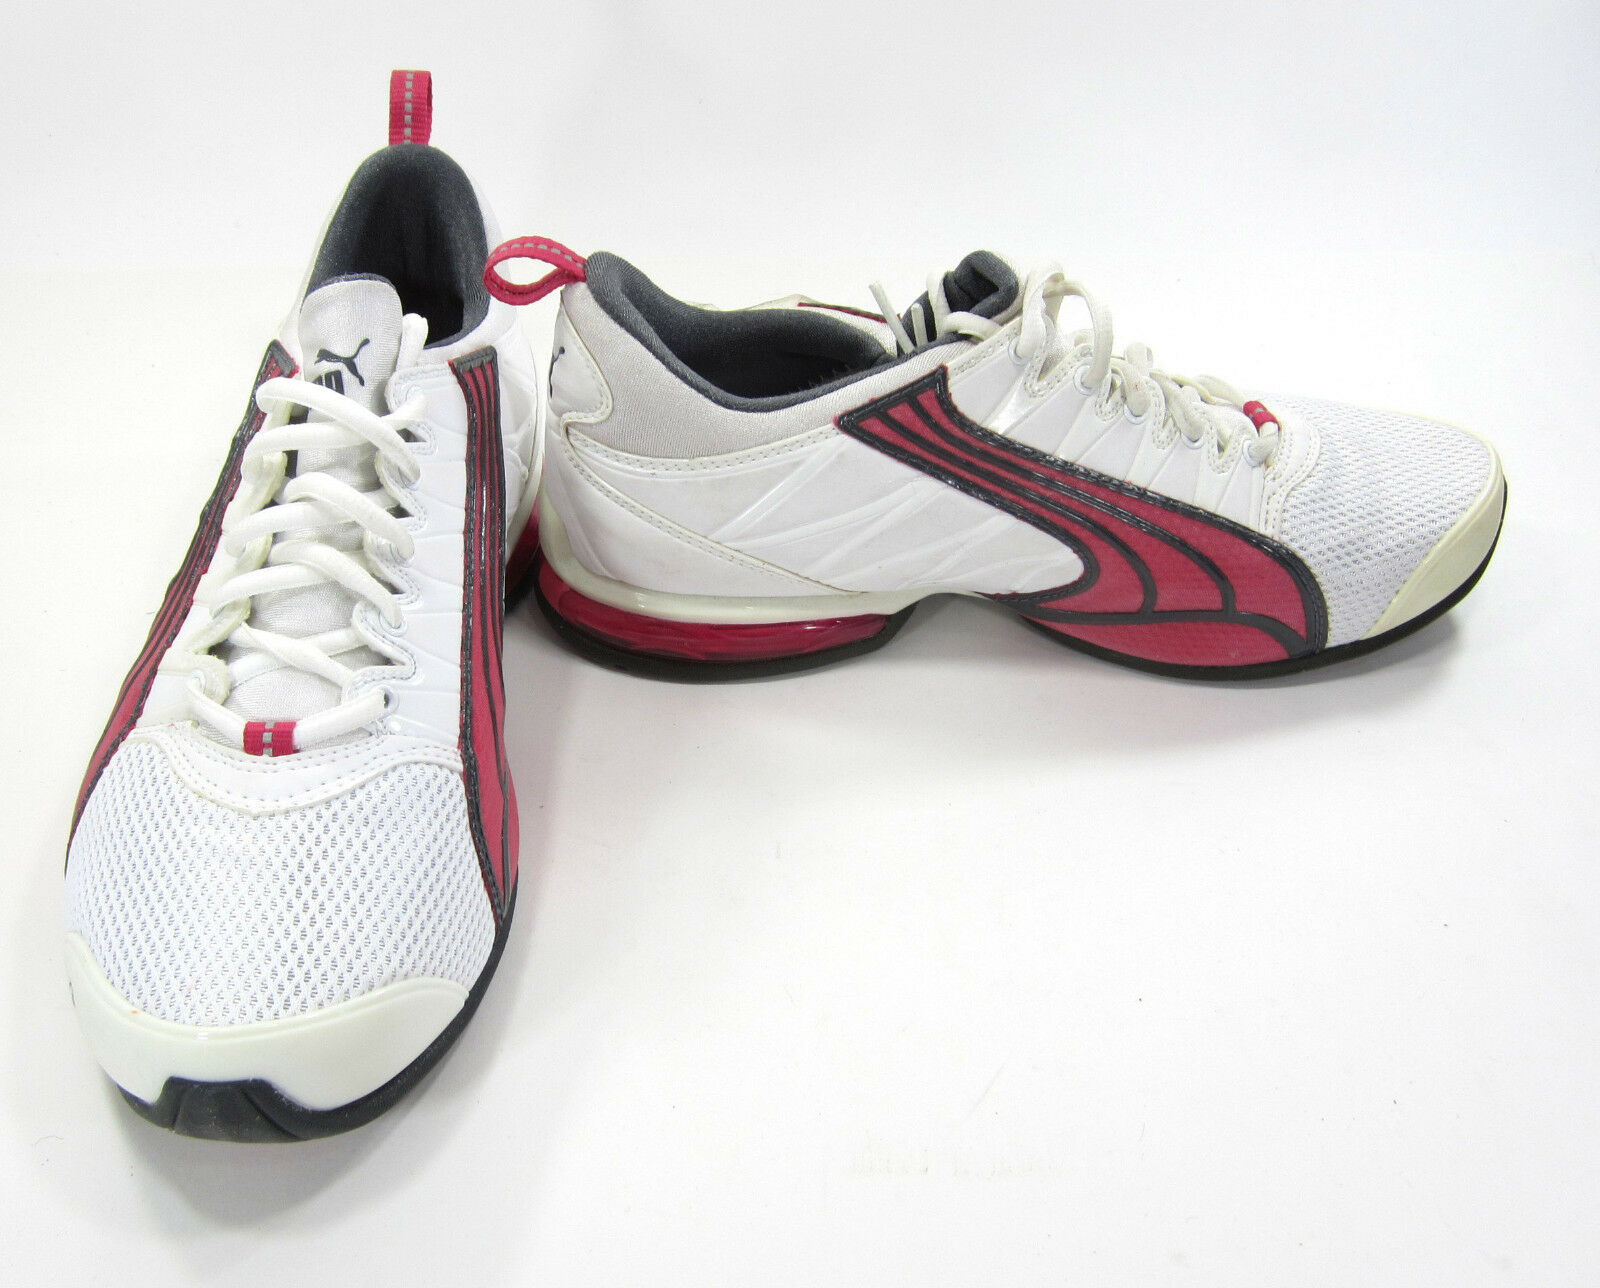 Puma Schuhes Voltaic 2 Running WEISS/Gray/Grape Sneakers Damenschuhe 8